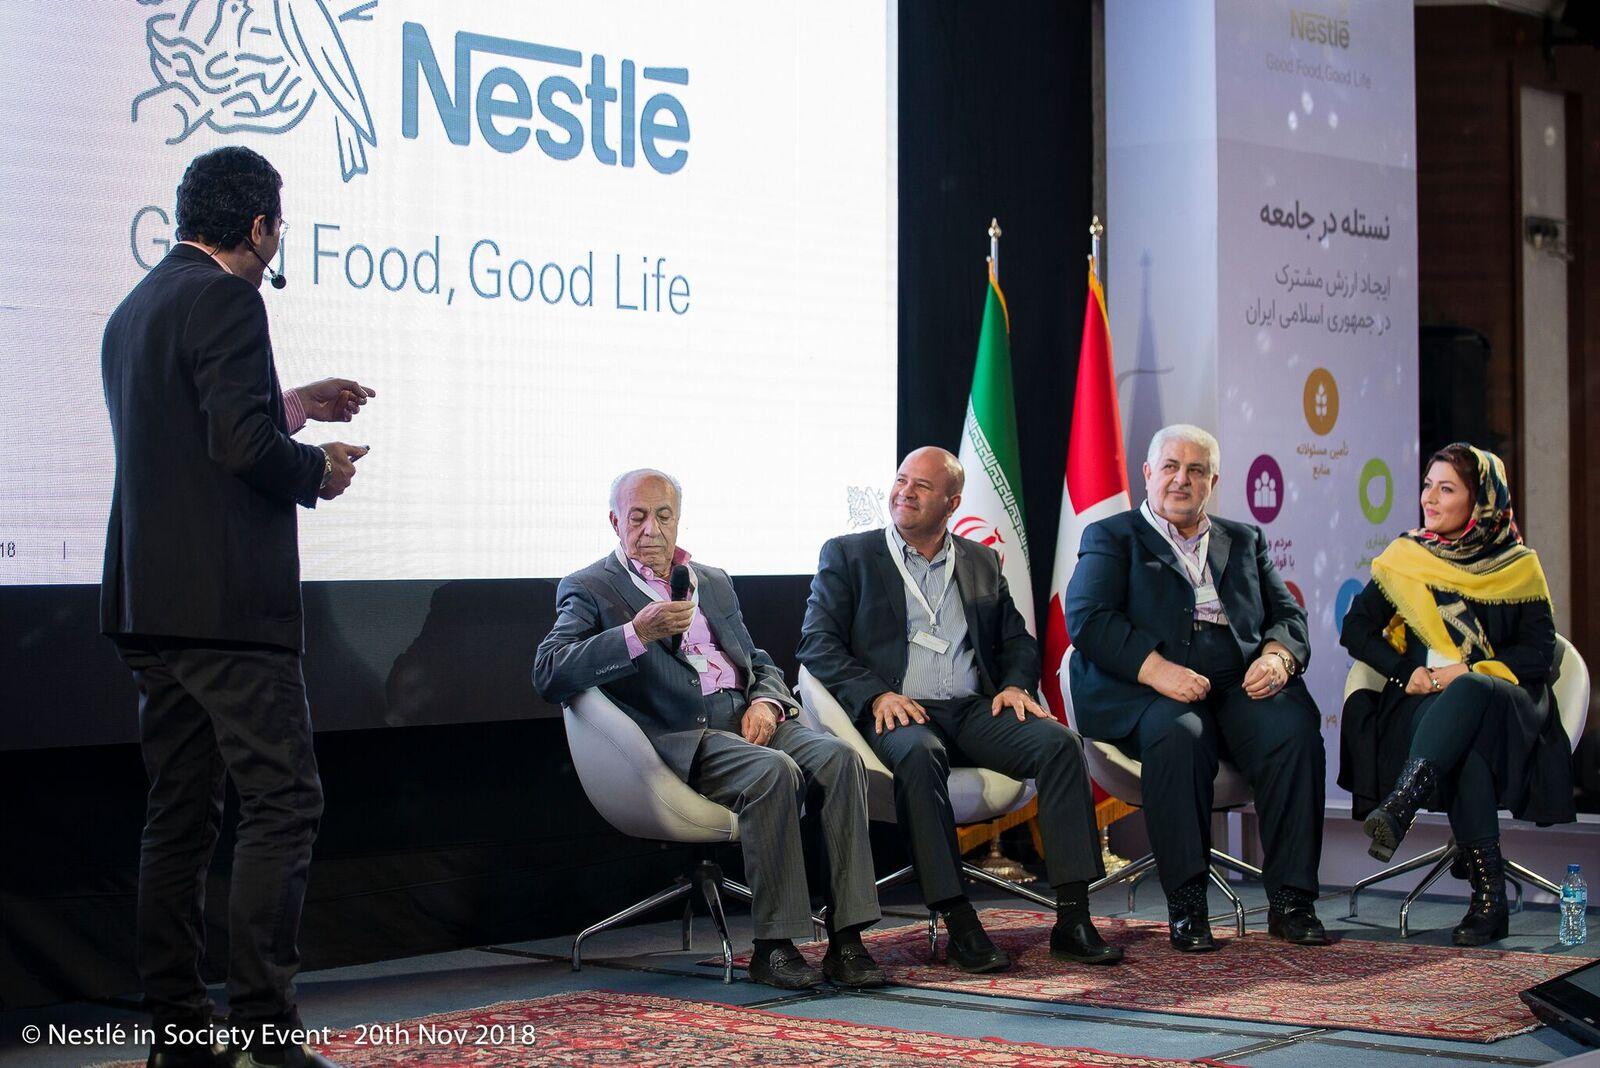 نستله در جامعه؛ ایجاد ارزش مشترک در جمهوری اسلامی ایران